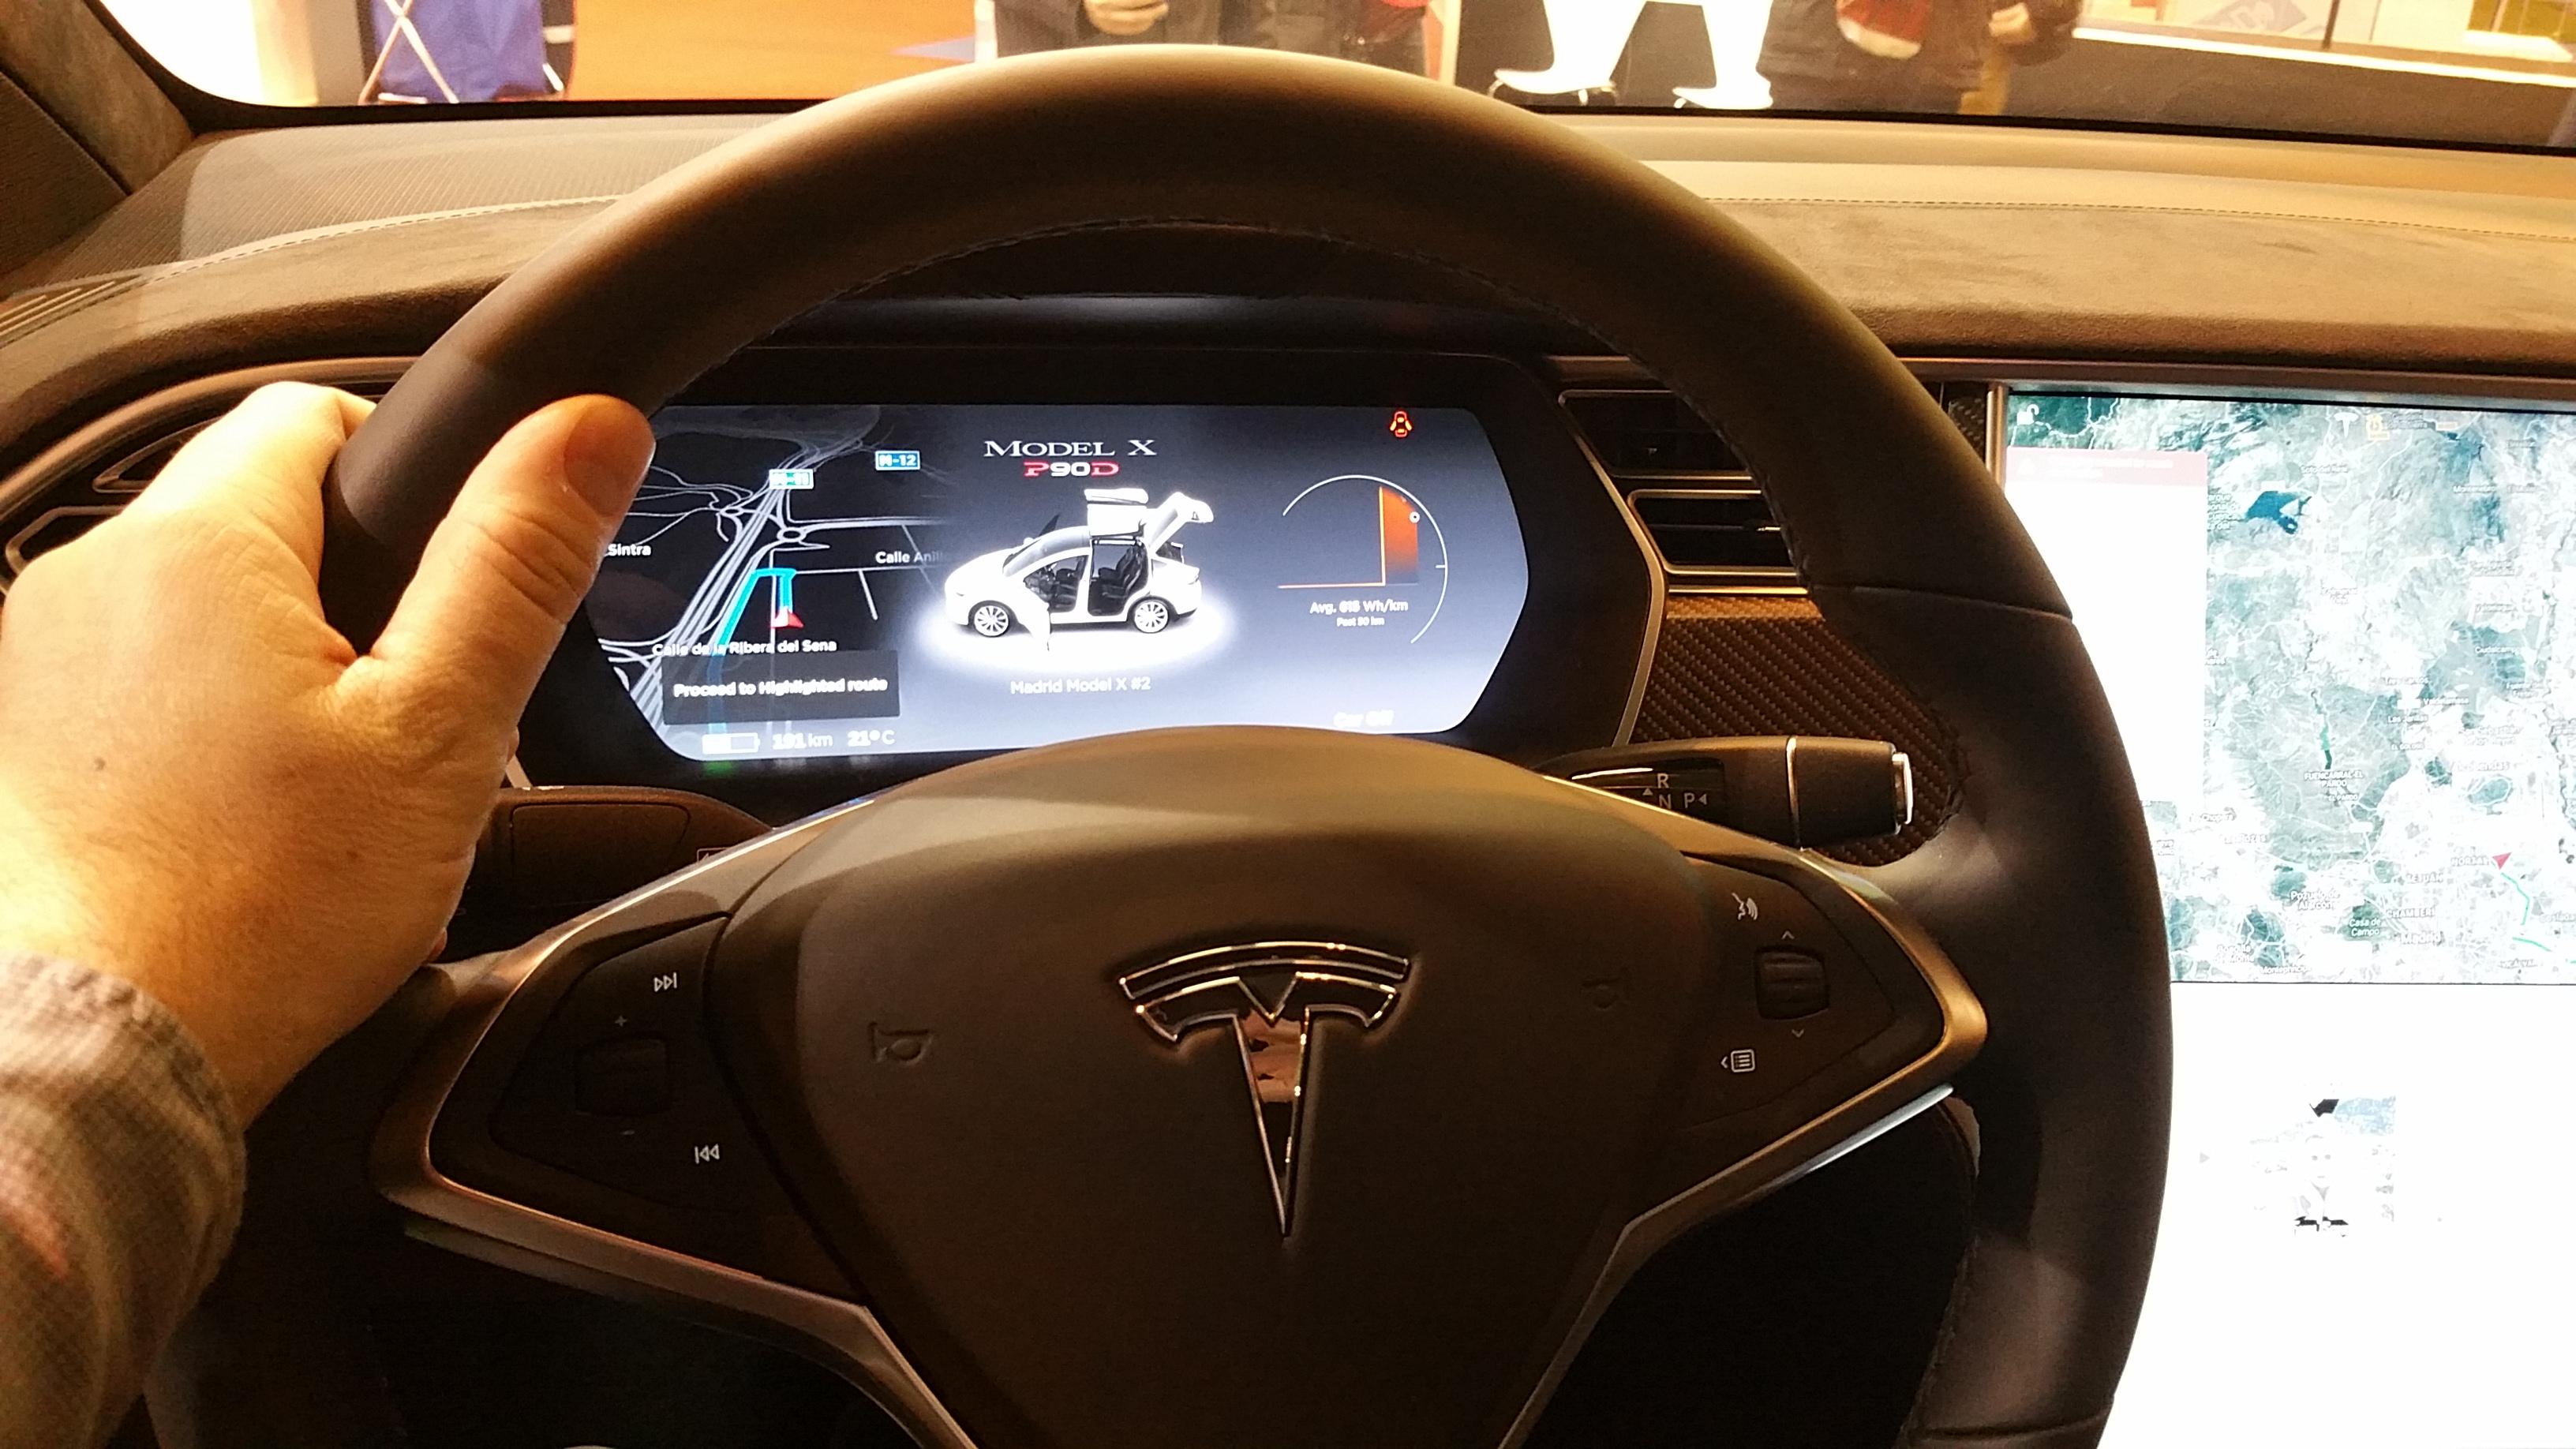 Hector Robles - Tesla innovacion coche